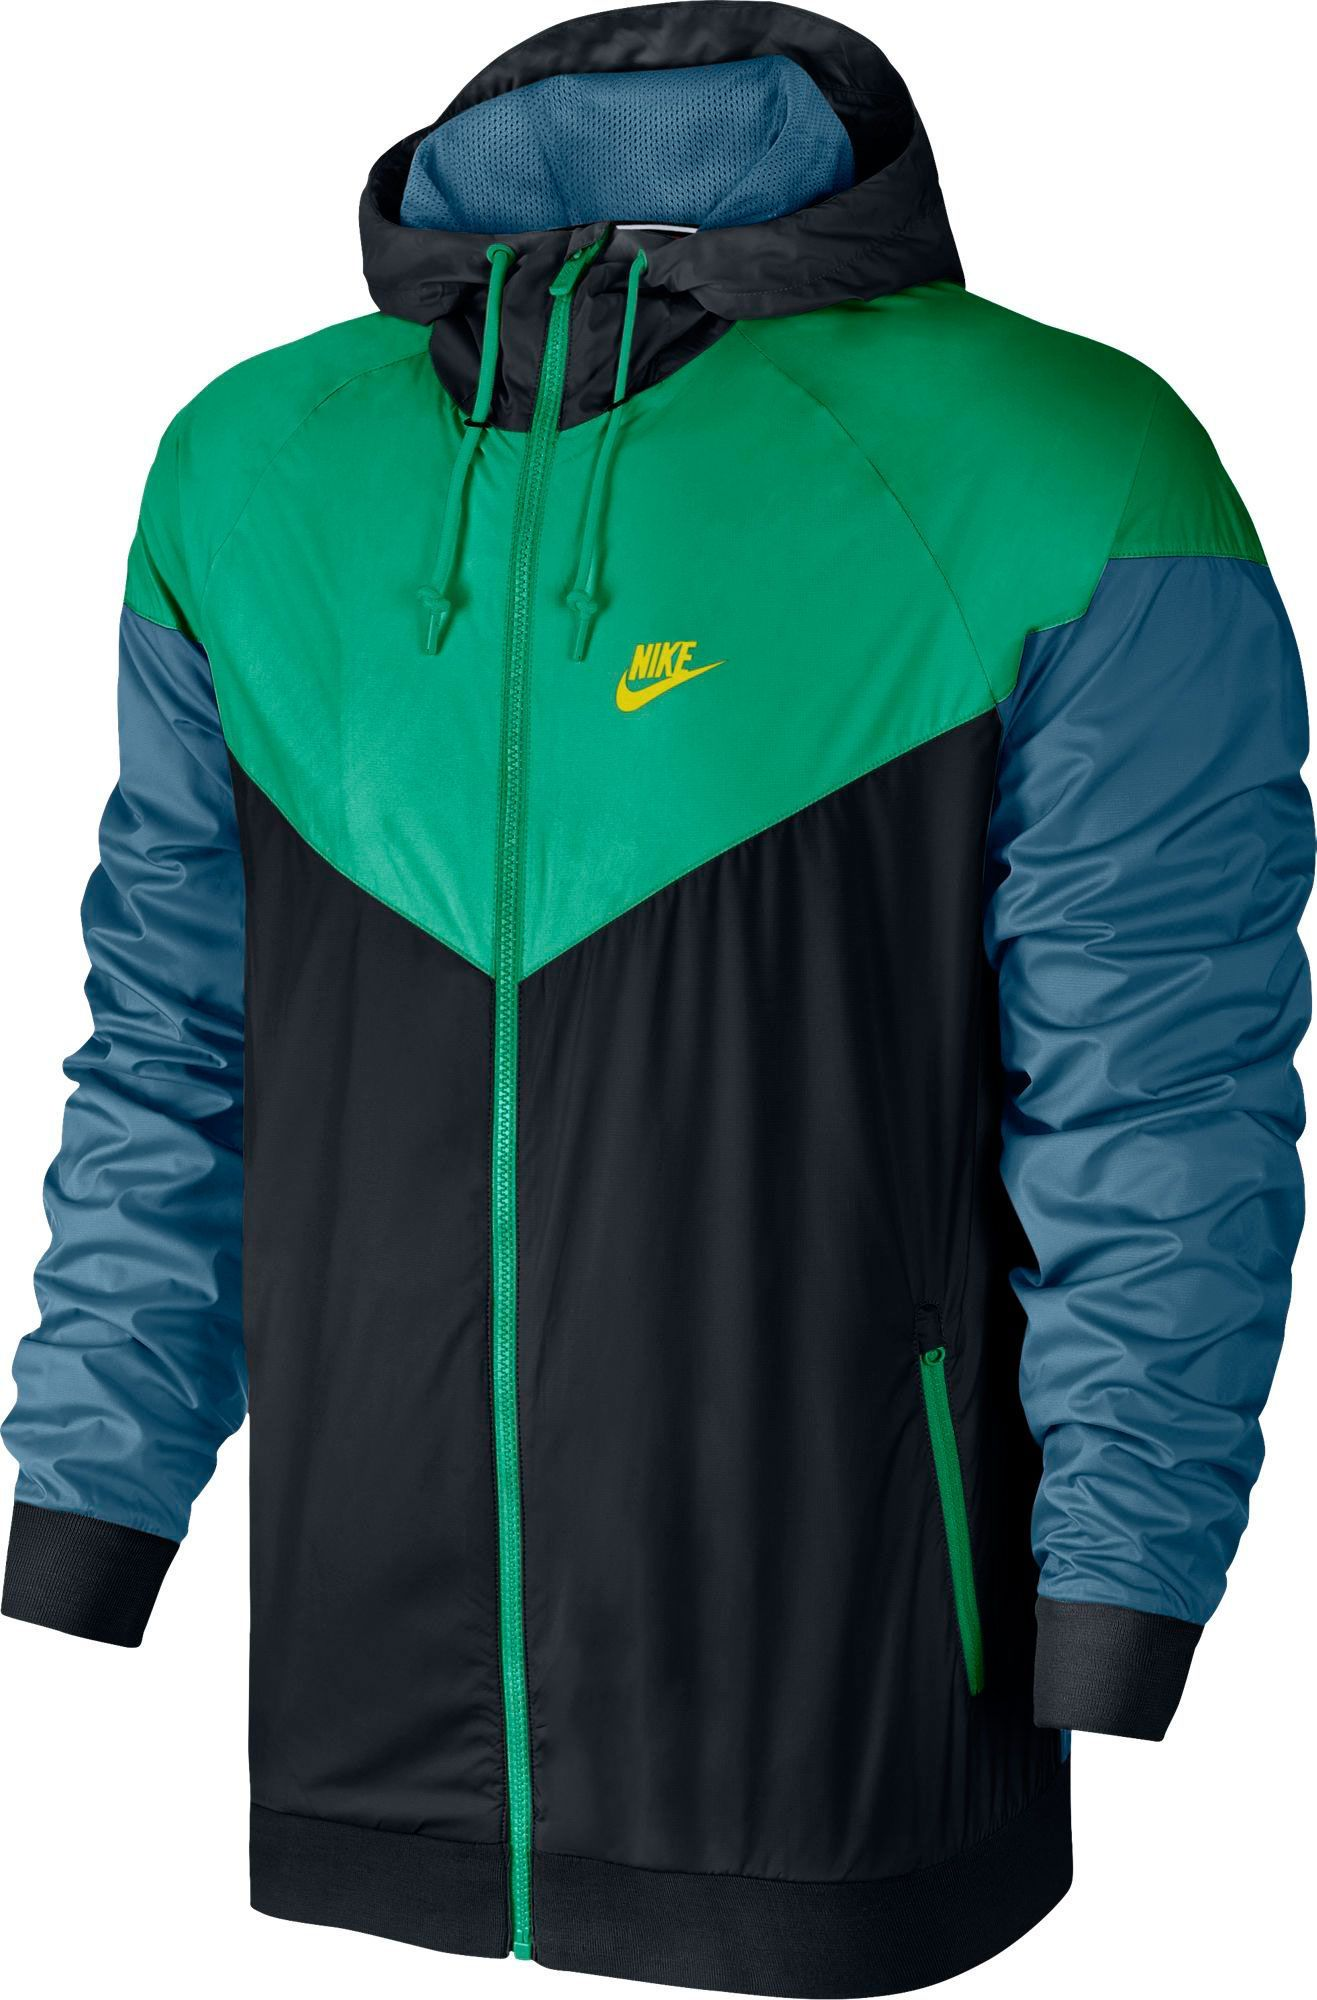 official photos 954e8 4e241 Nike Men s Windrunner Full Zip Jacket, Size  Large, Black